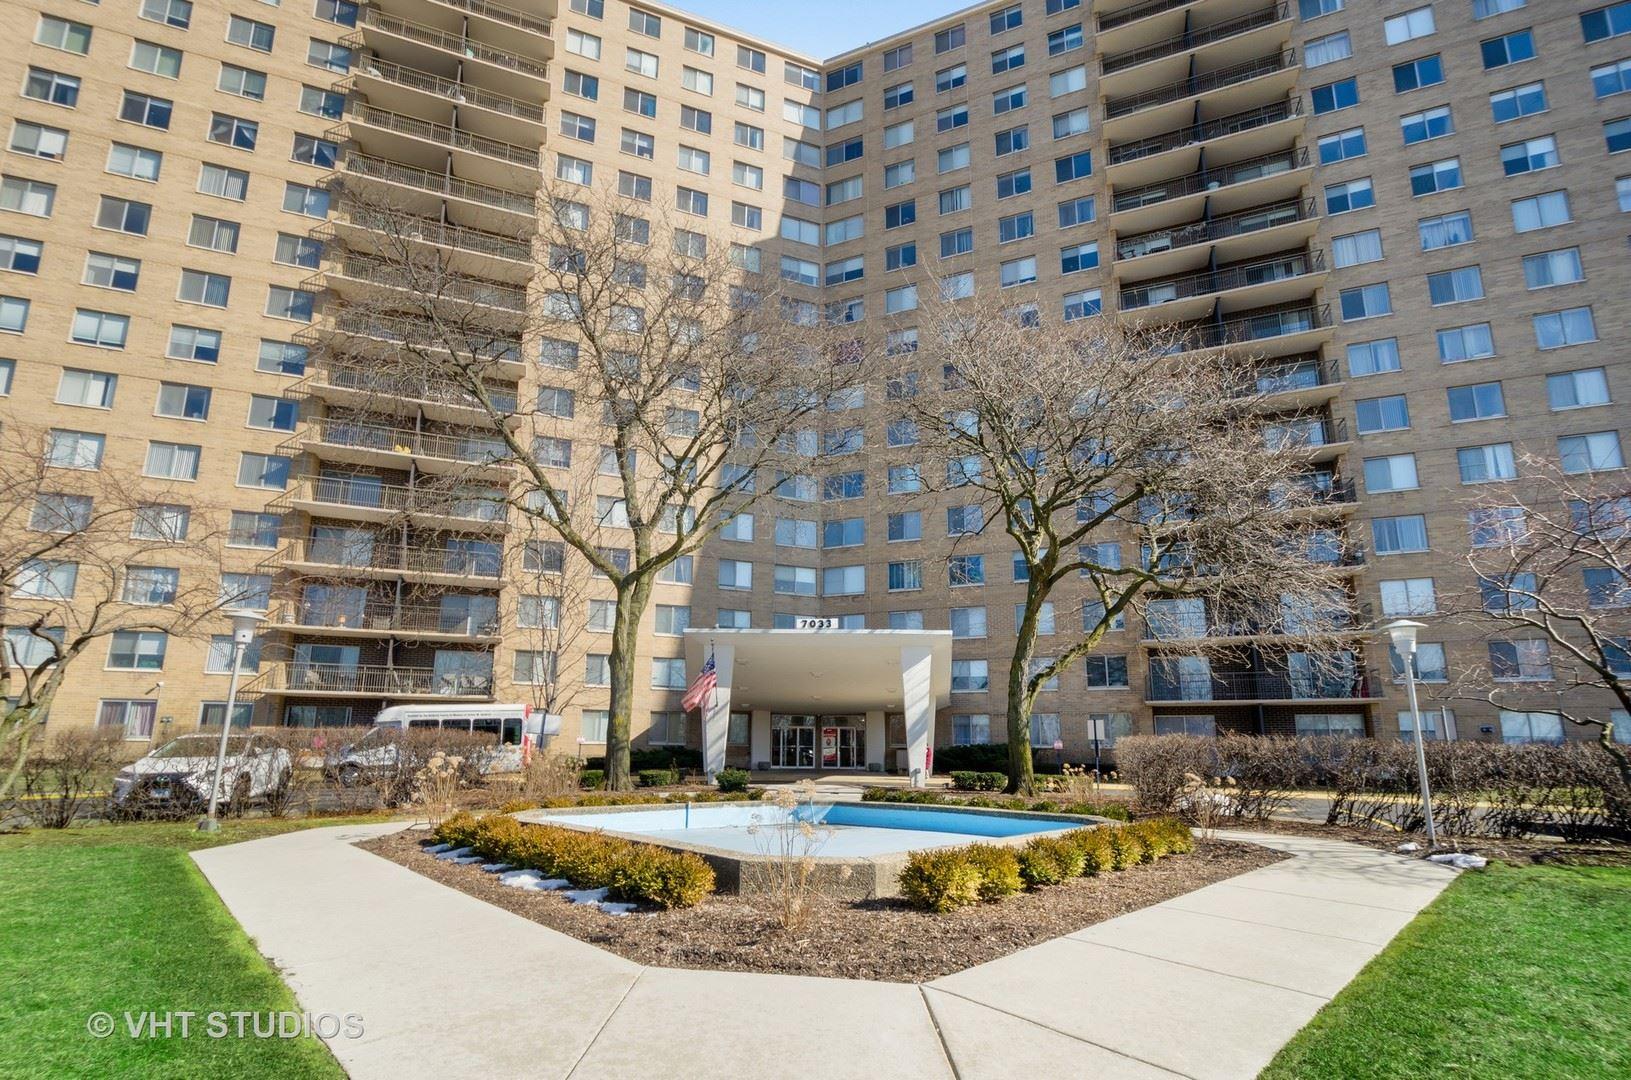 7033 N Kedzie Avenue #1101, Chicago, IL 60645 - #: 10648223